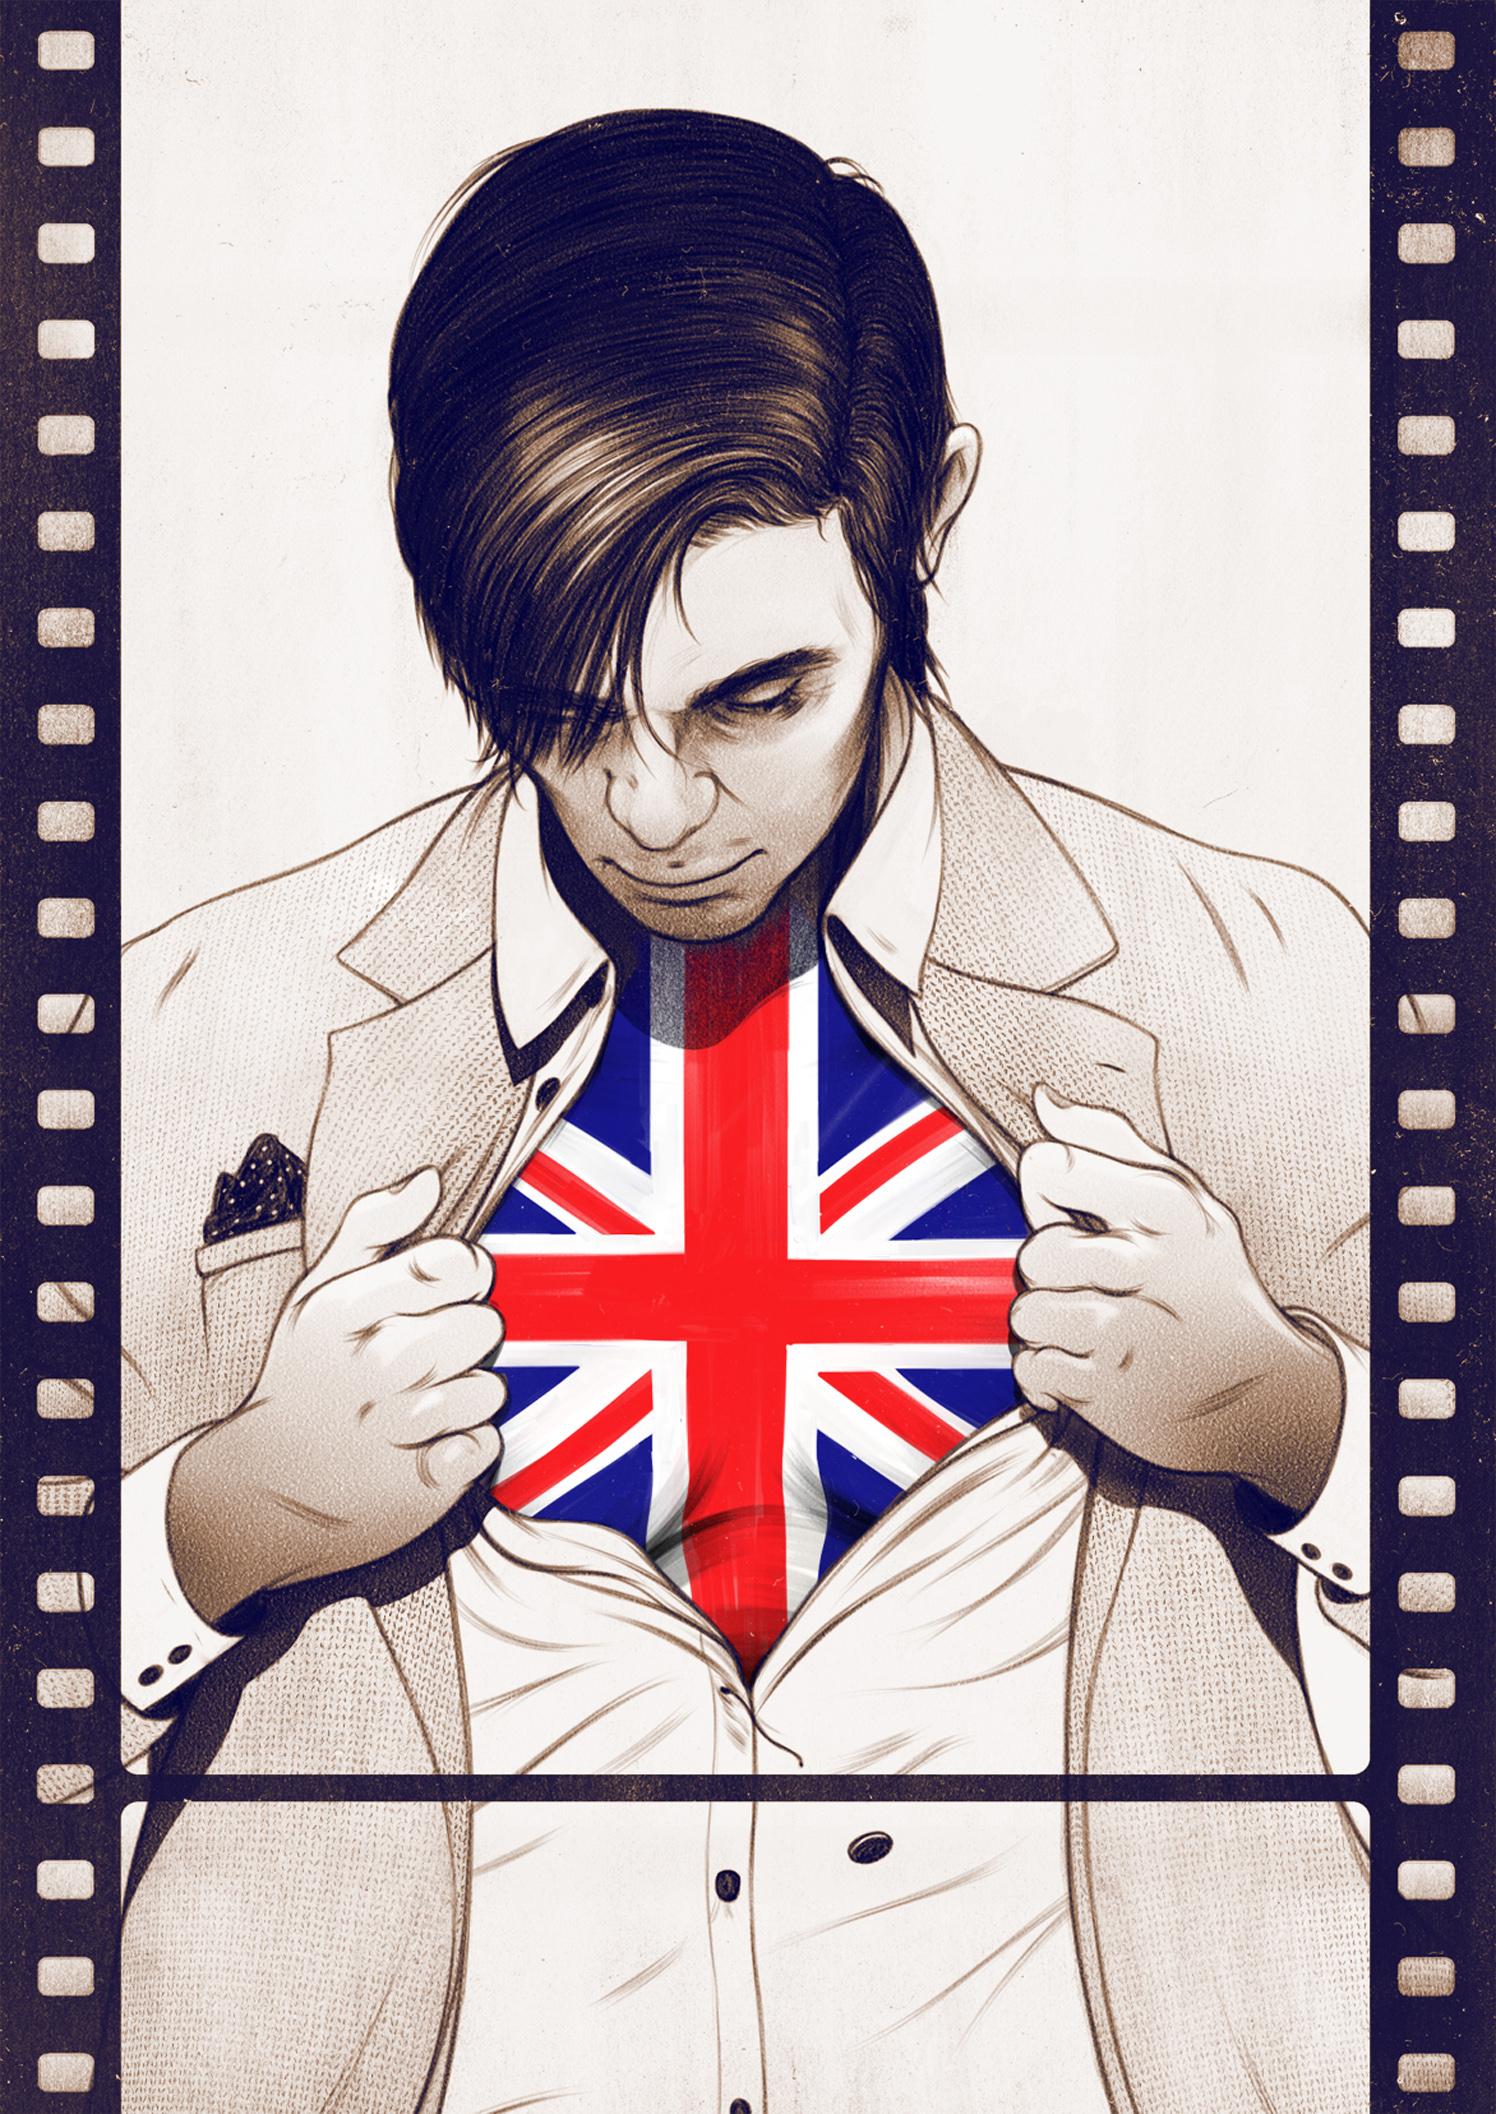 Cool Britannia / The Economist